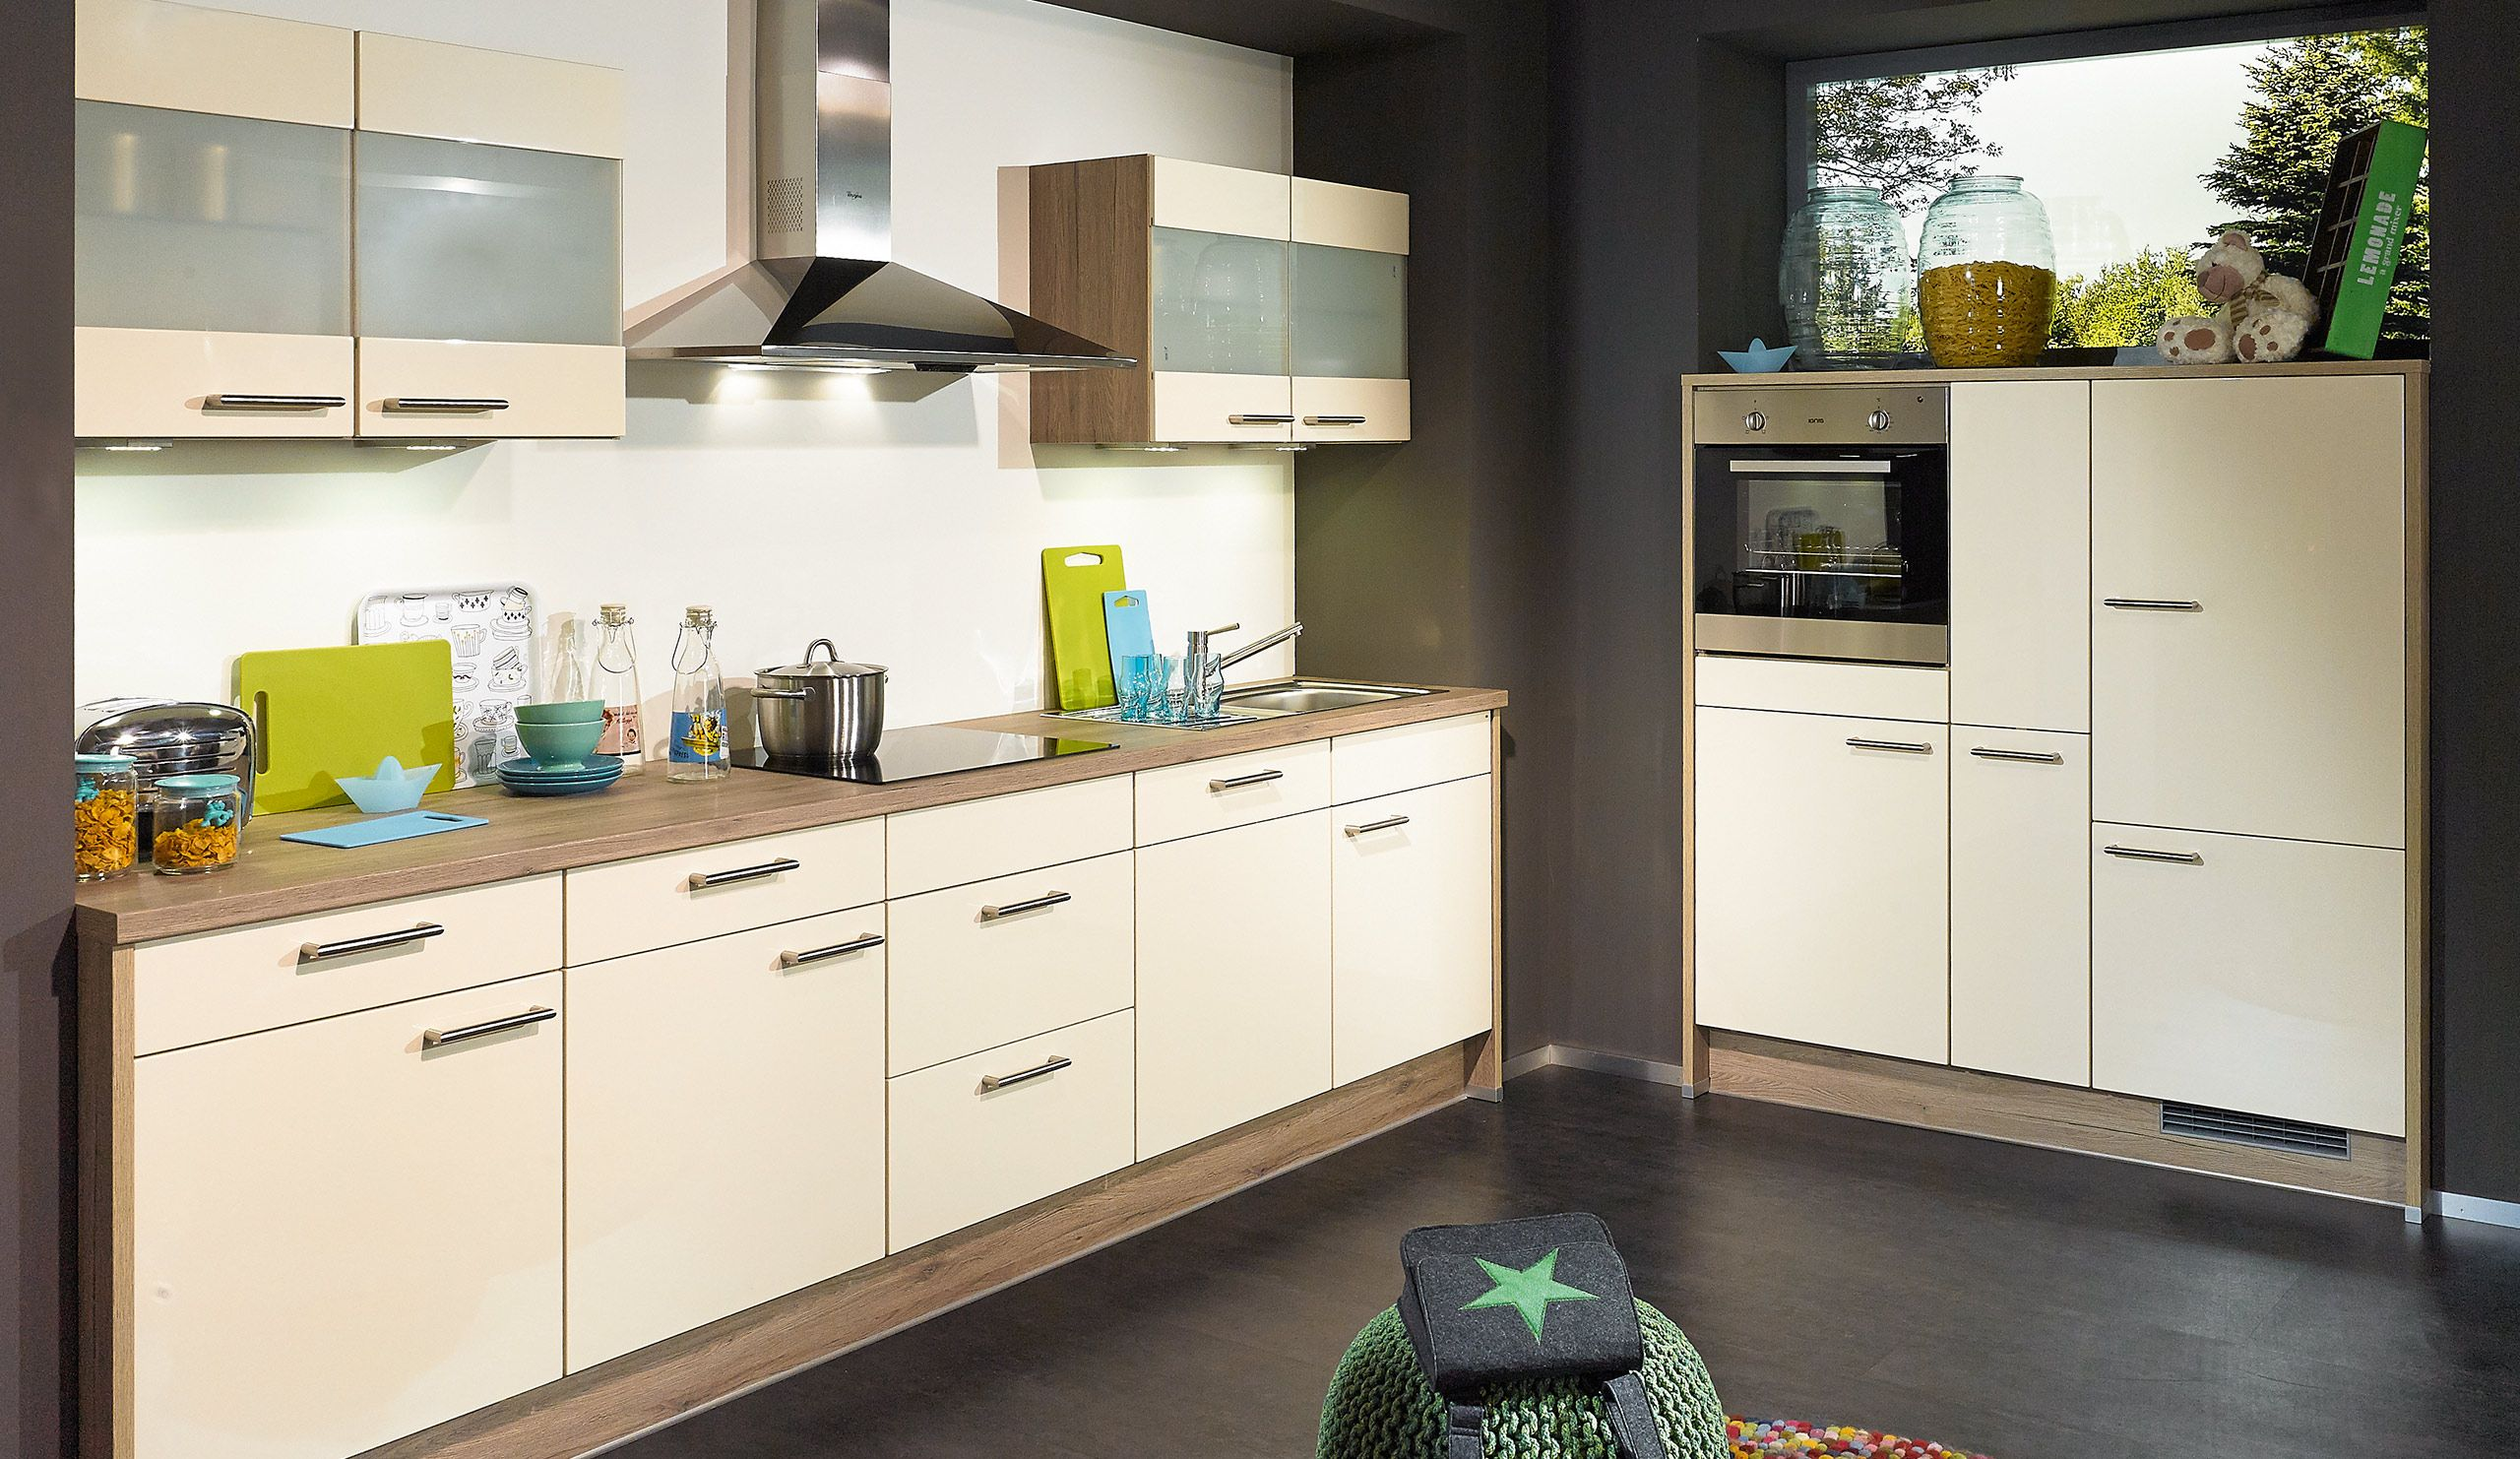 Küchen wandarmatur ~ Boffi küchen preise best boffi studio düsseldorf images on